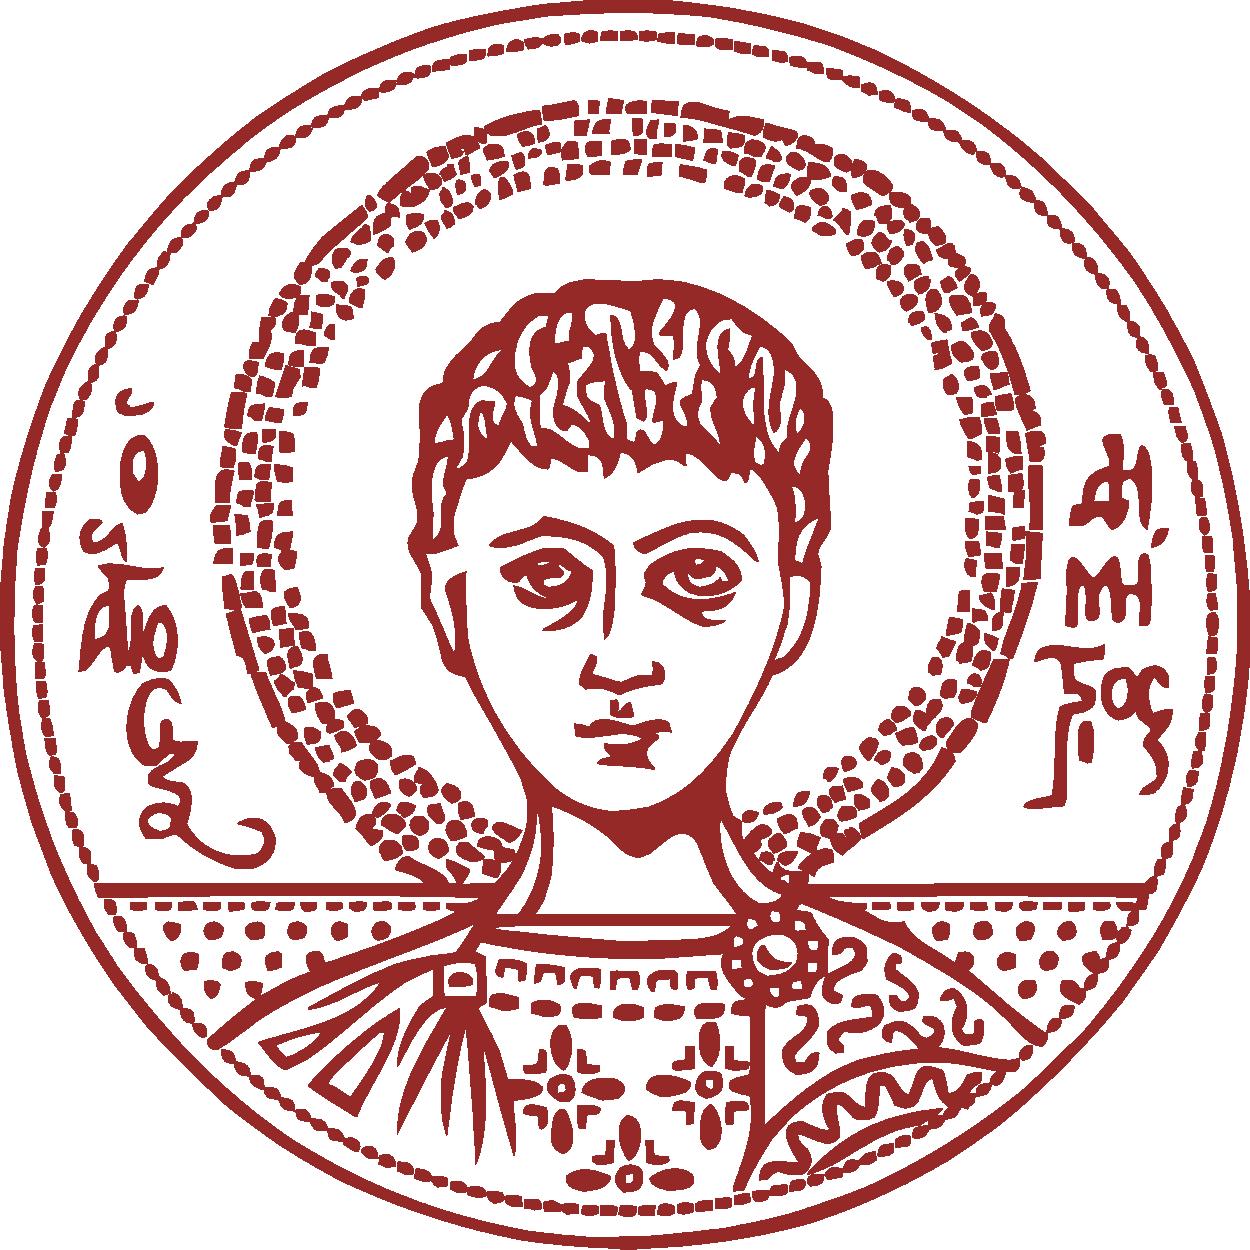 Panagiotis Prinos